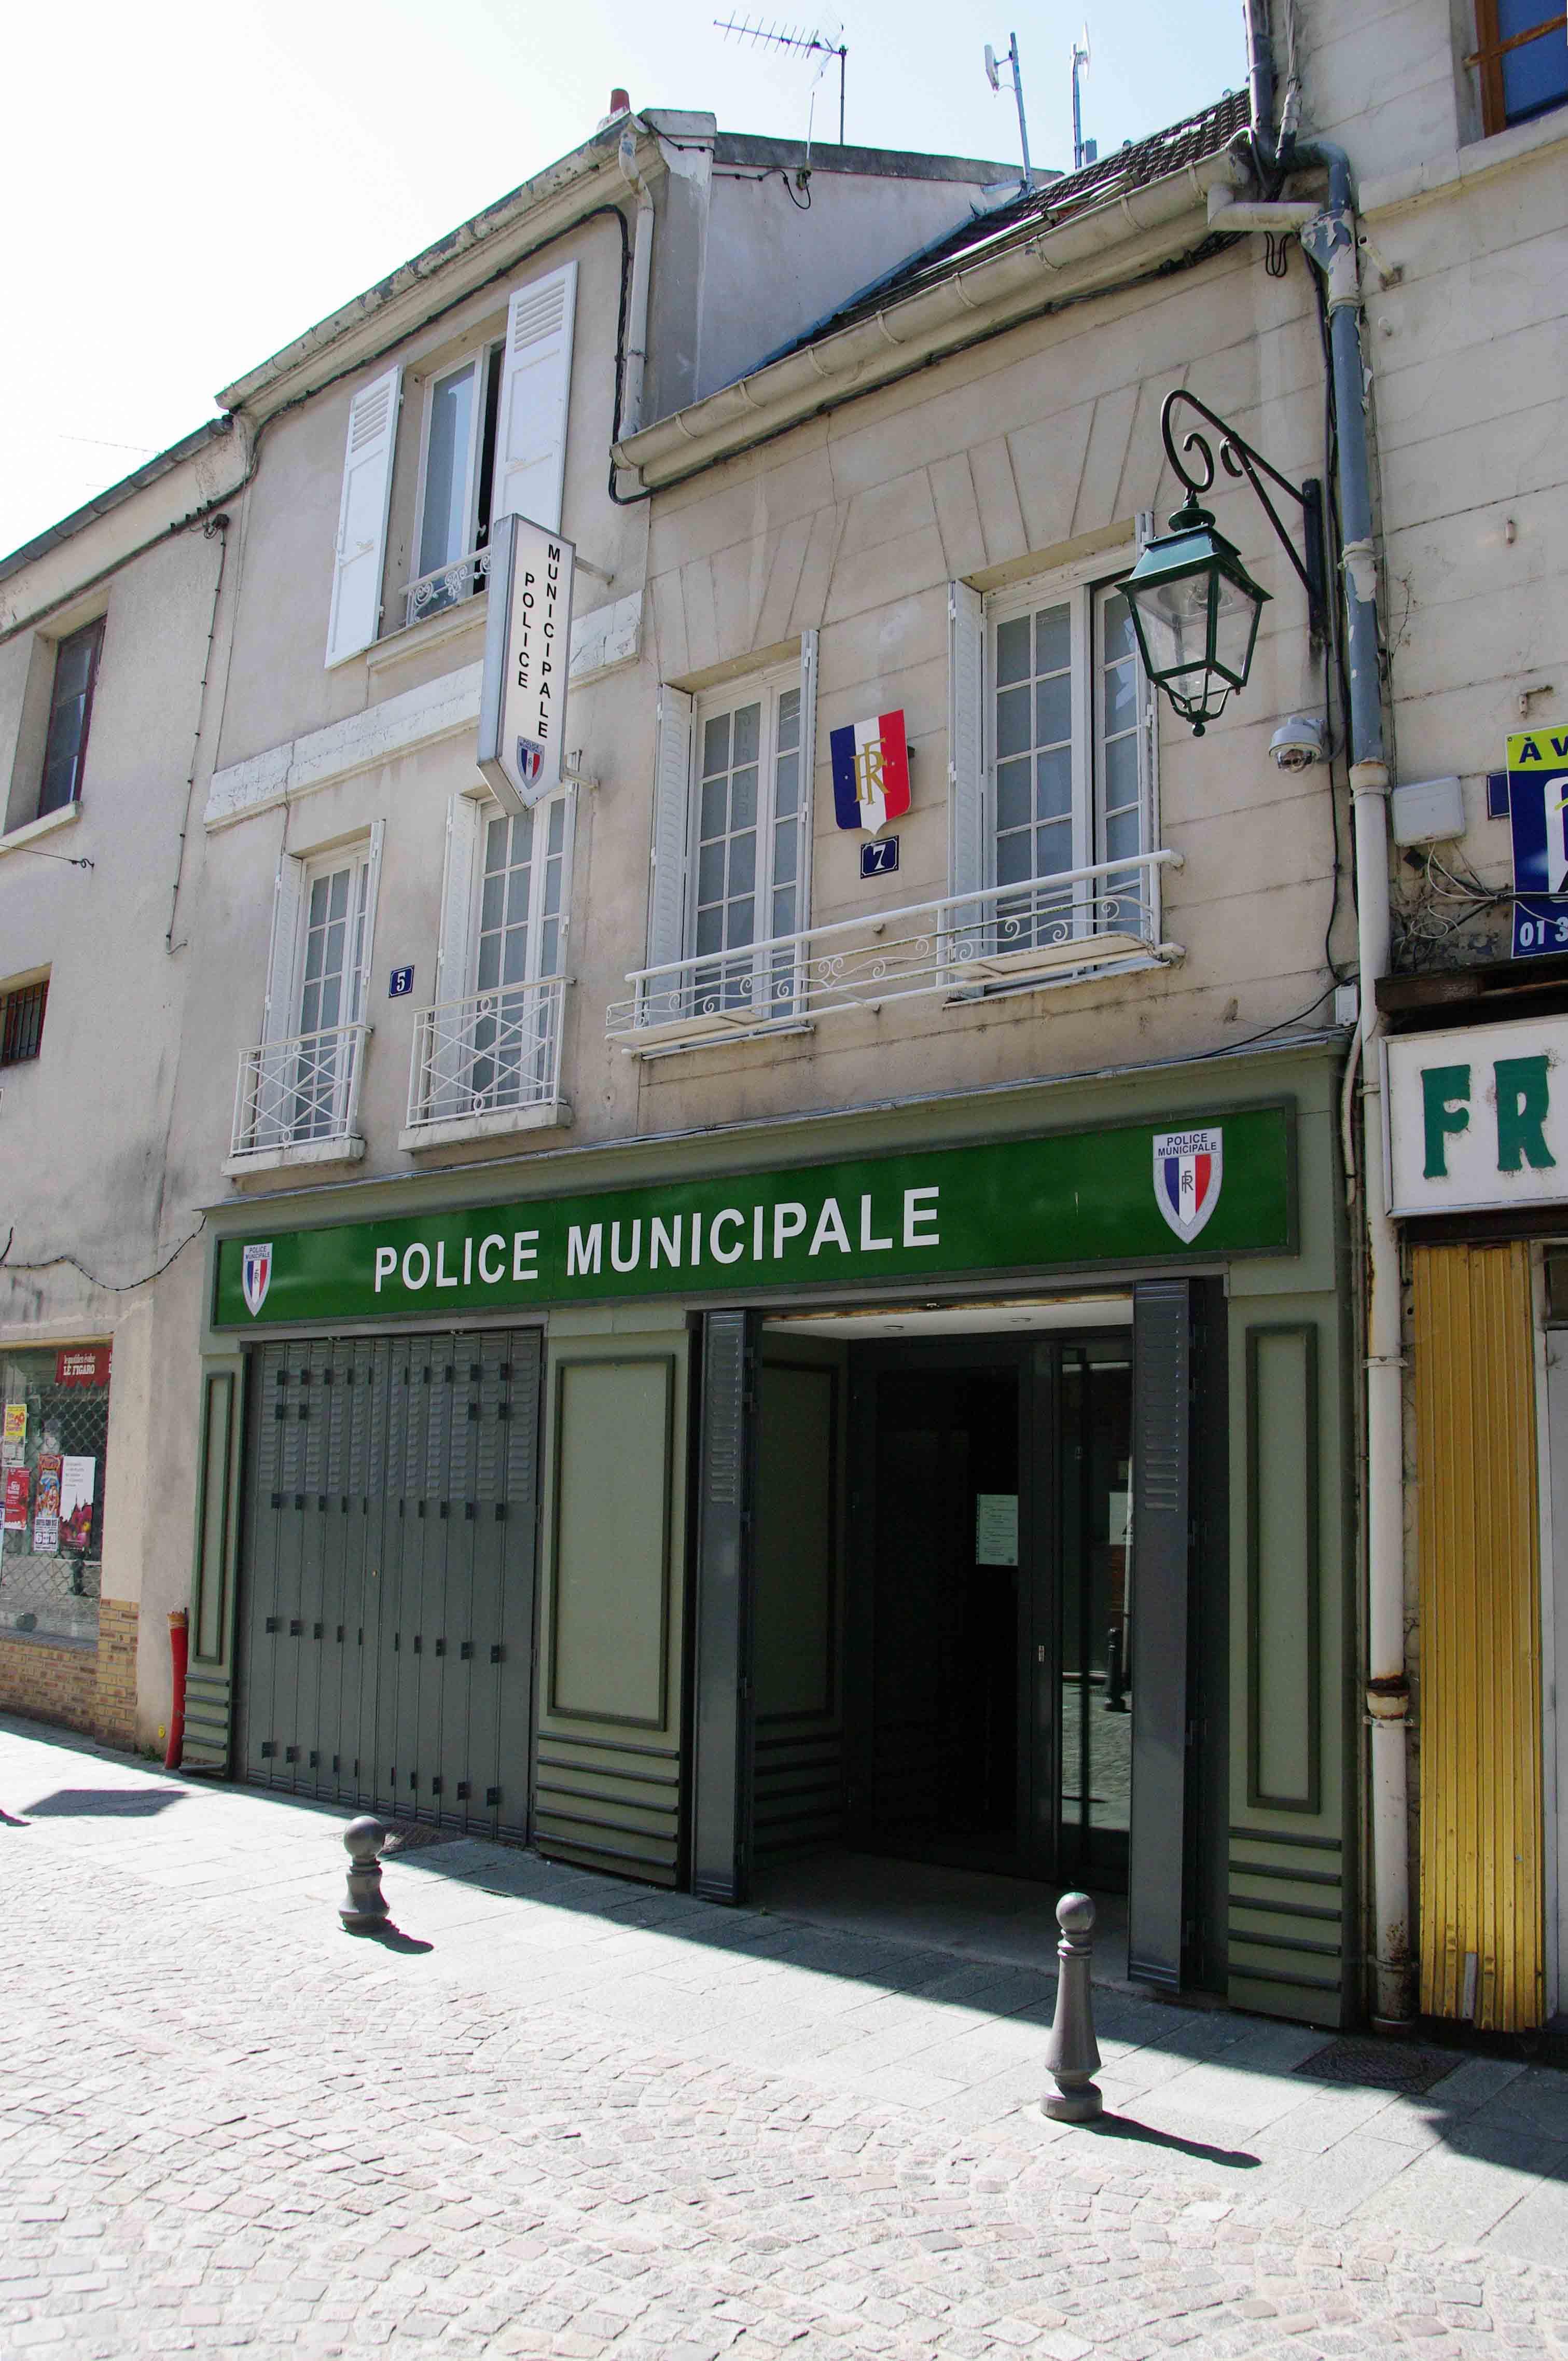 Police municipale de Beaumont sur Oise